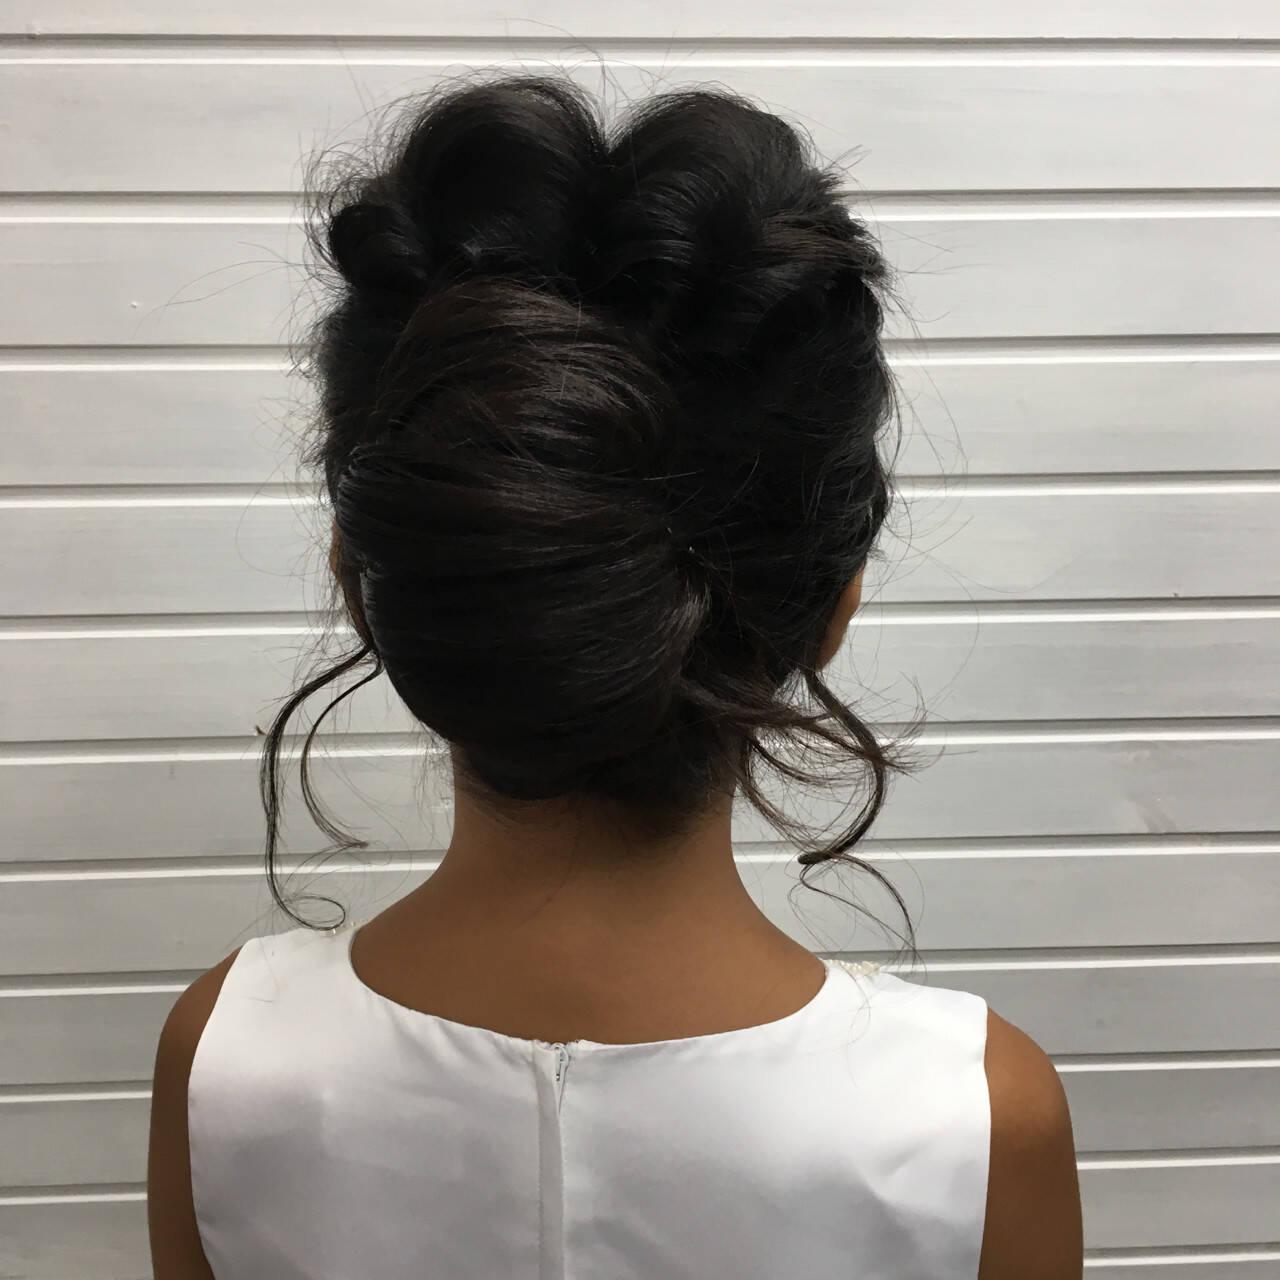 涼しげ エレガント 夏 結婚式ヘアスタイルや髪型の写真・画像